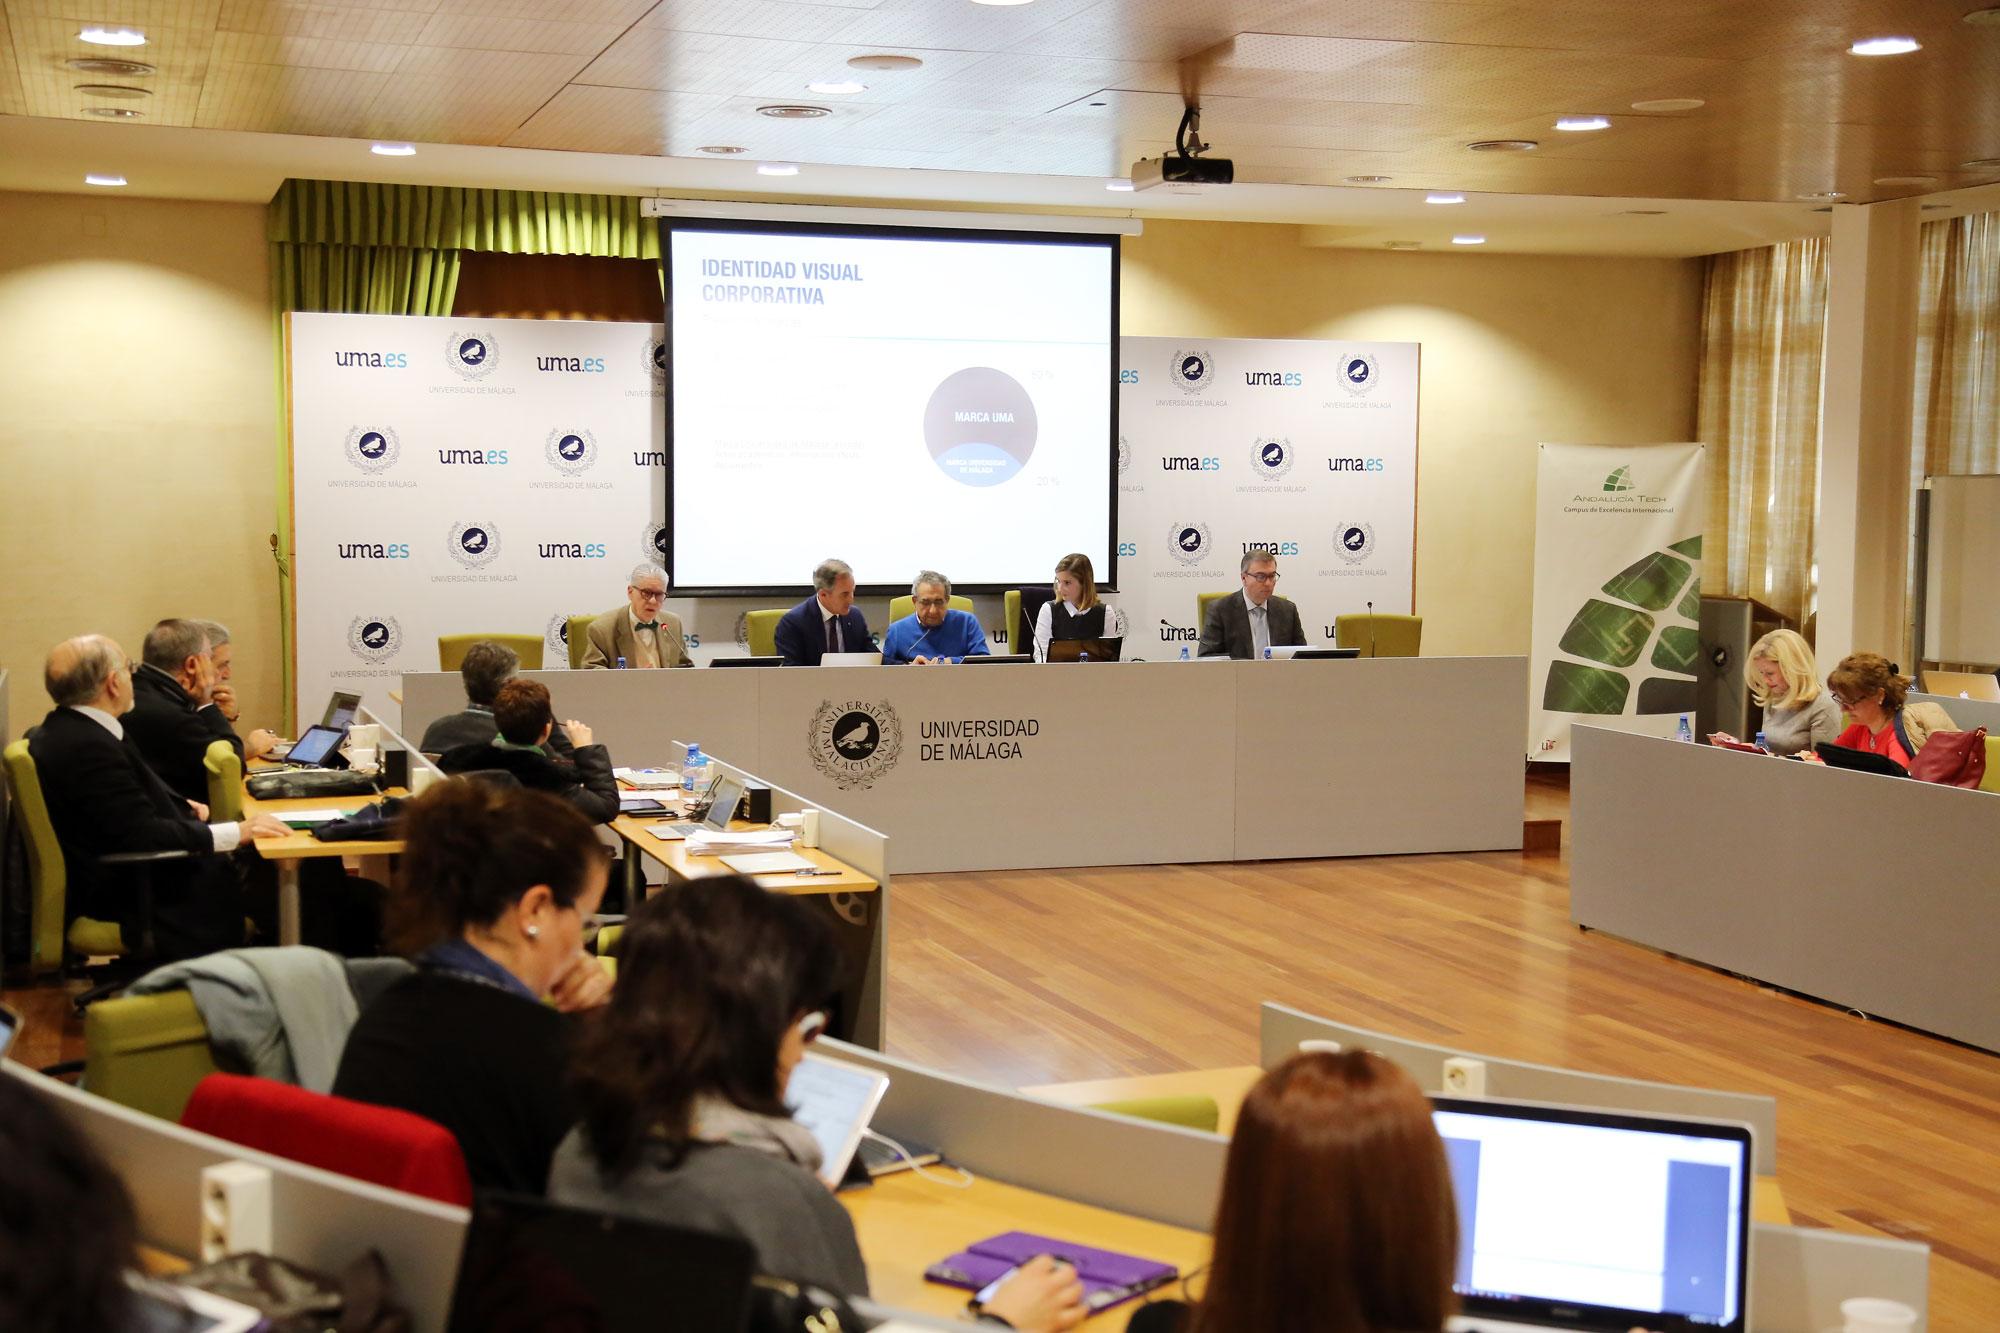 El presupuesto de la UMA para 2017 asciende a casi 250 millones de euros